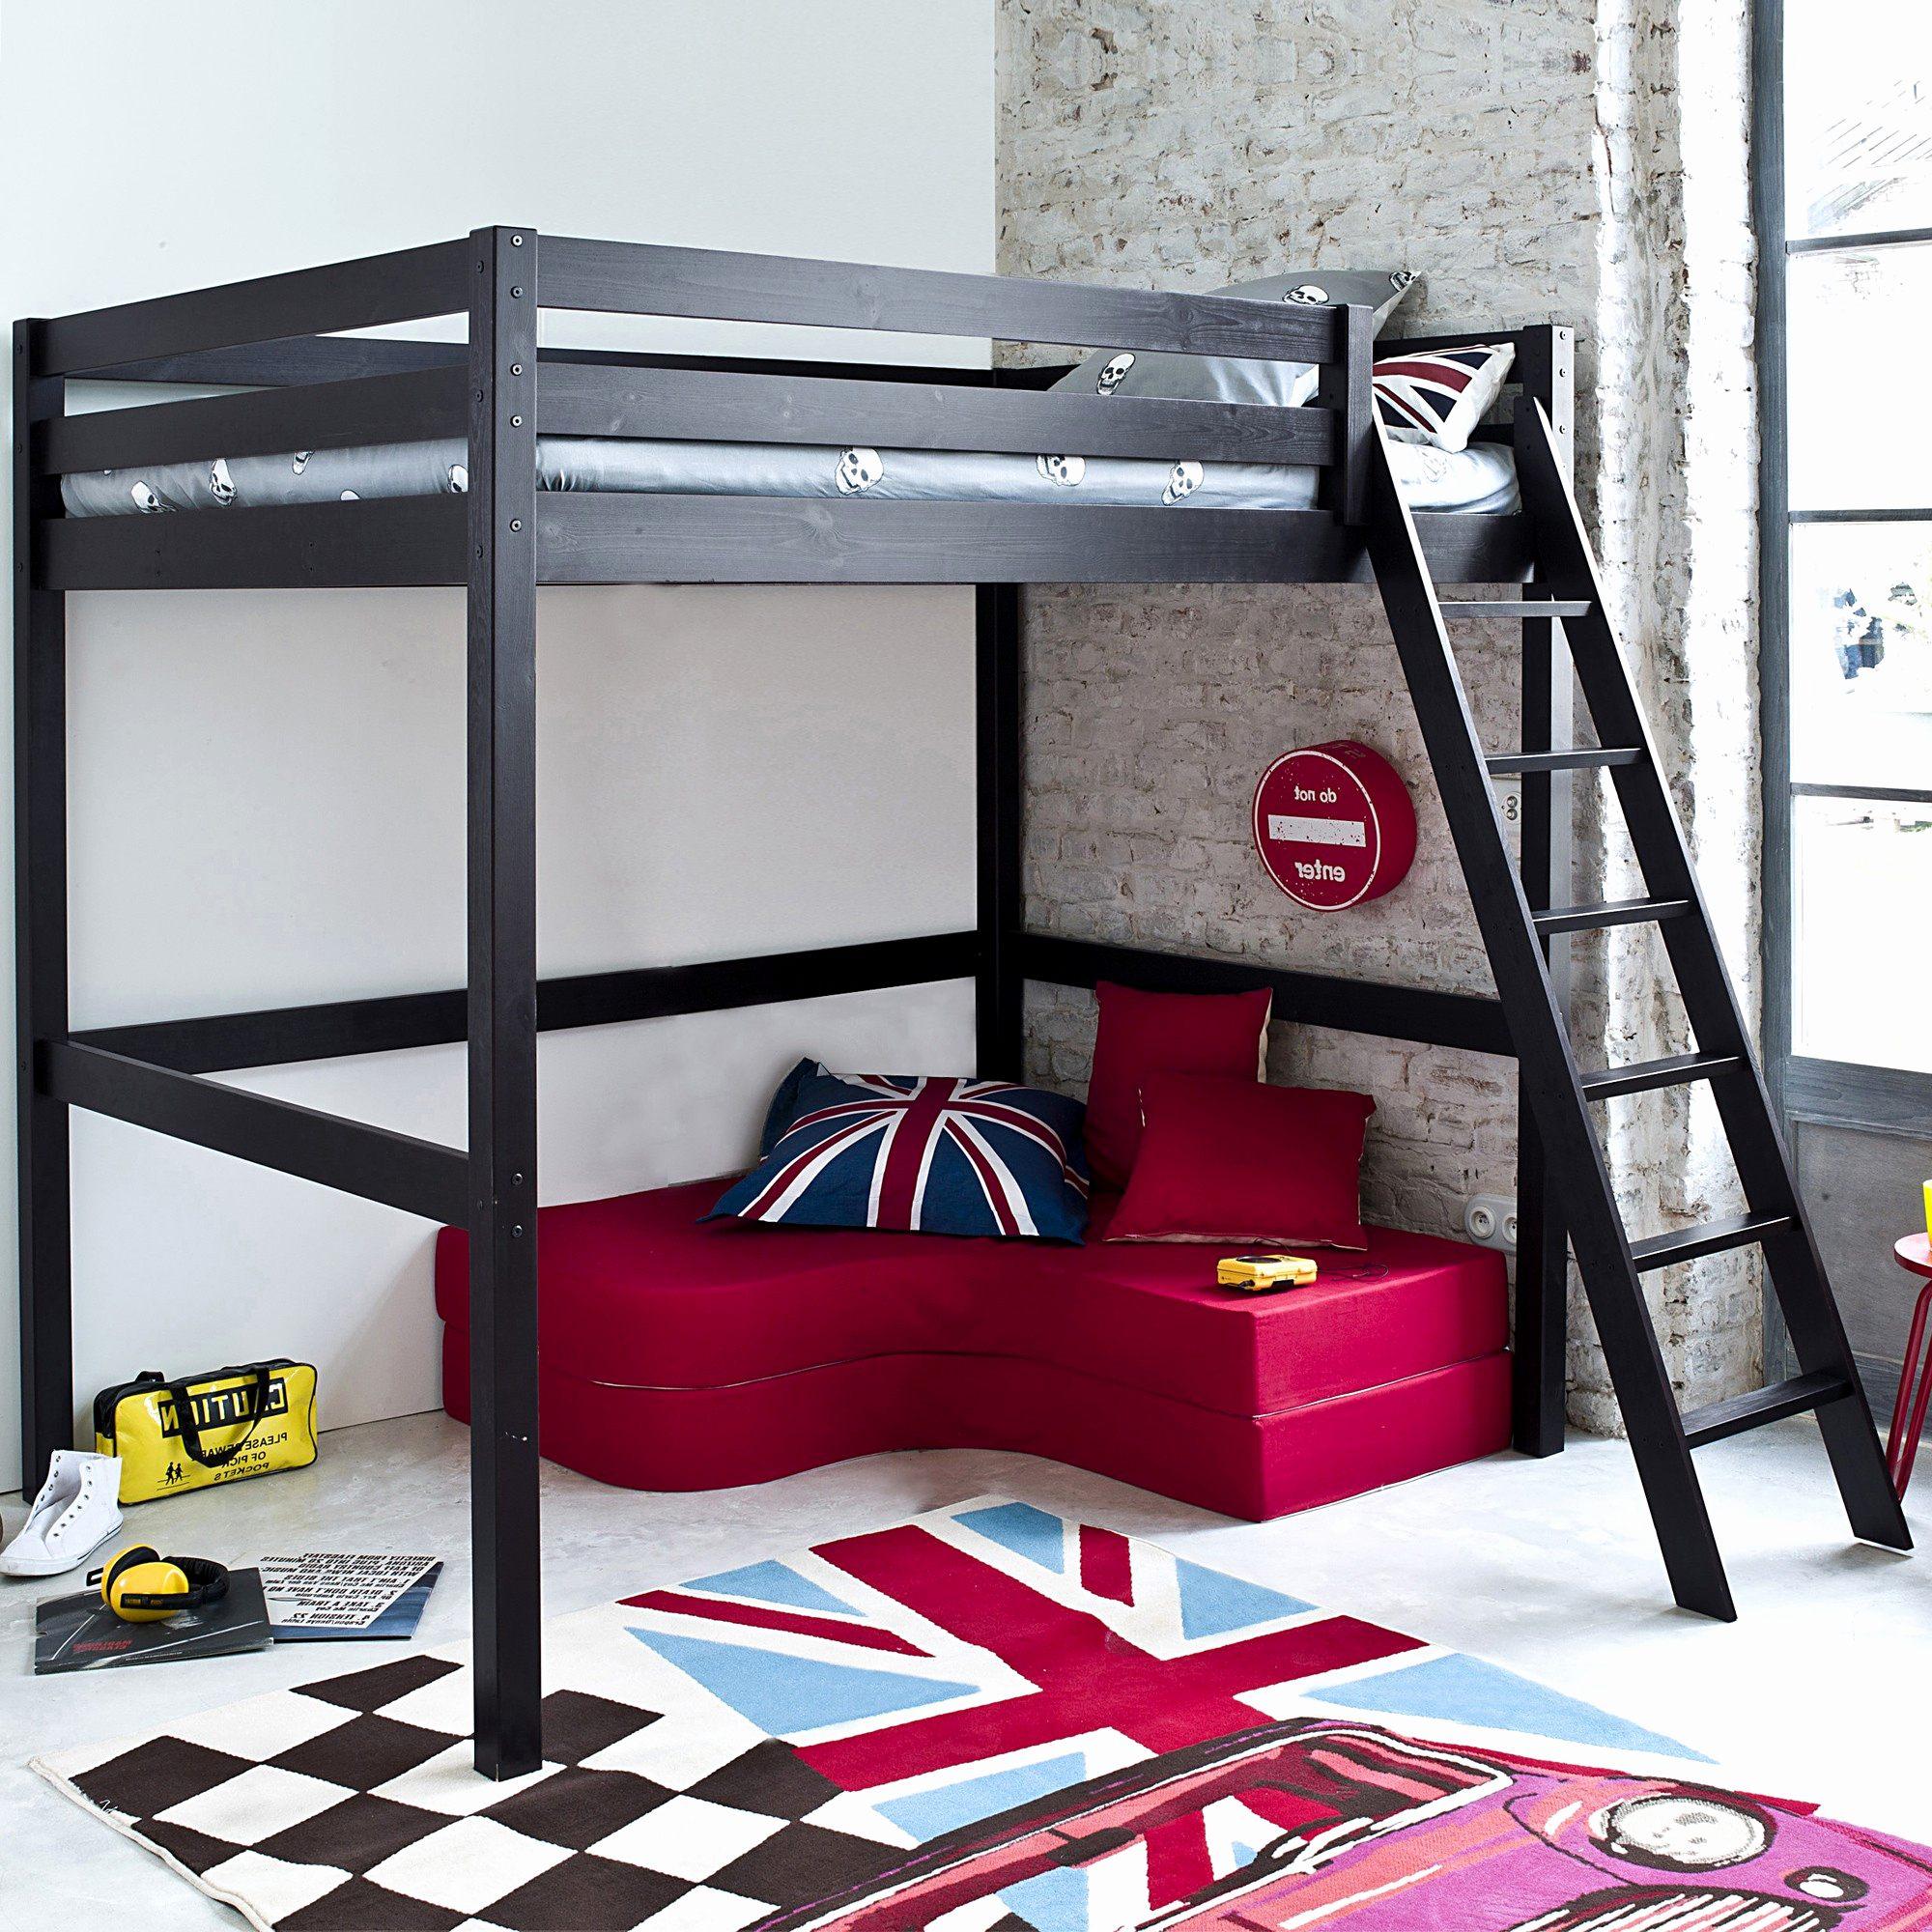 Lit Mezzanine Evolutif Frais Lit Mezzanine Evolutif Luxe Lit Design Enfant Inspiré Lit En